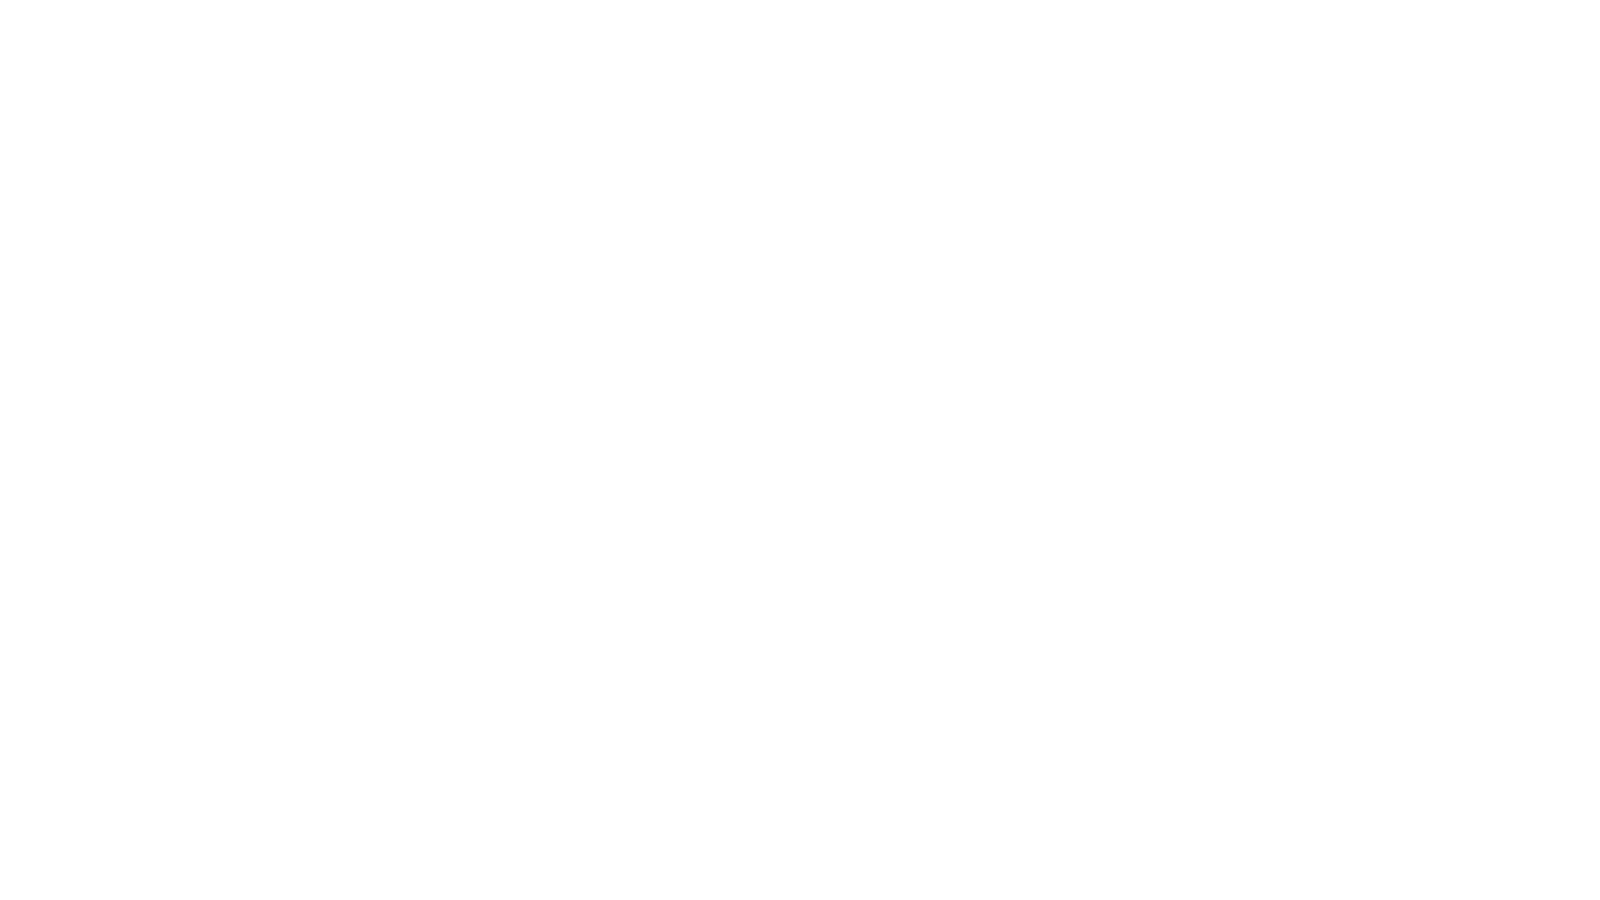 ロッジきよかわHP ↓ https://lodge-kiyokawa.jp/  ロッジきよかわ Facebook↓ https://www.facebook.com/lodgekiyokaw...  ロッジきよかわ Instagram↓ https://www.instagram.com/lodgekiyoka...  JOY VILLAGE ブログ↓ https://note.com/joyvillage  #草刈り #ロッジきよかわ #除草作業